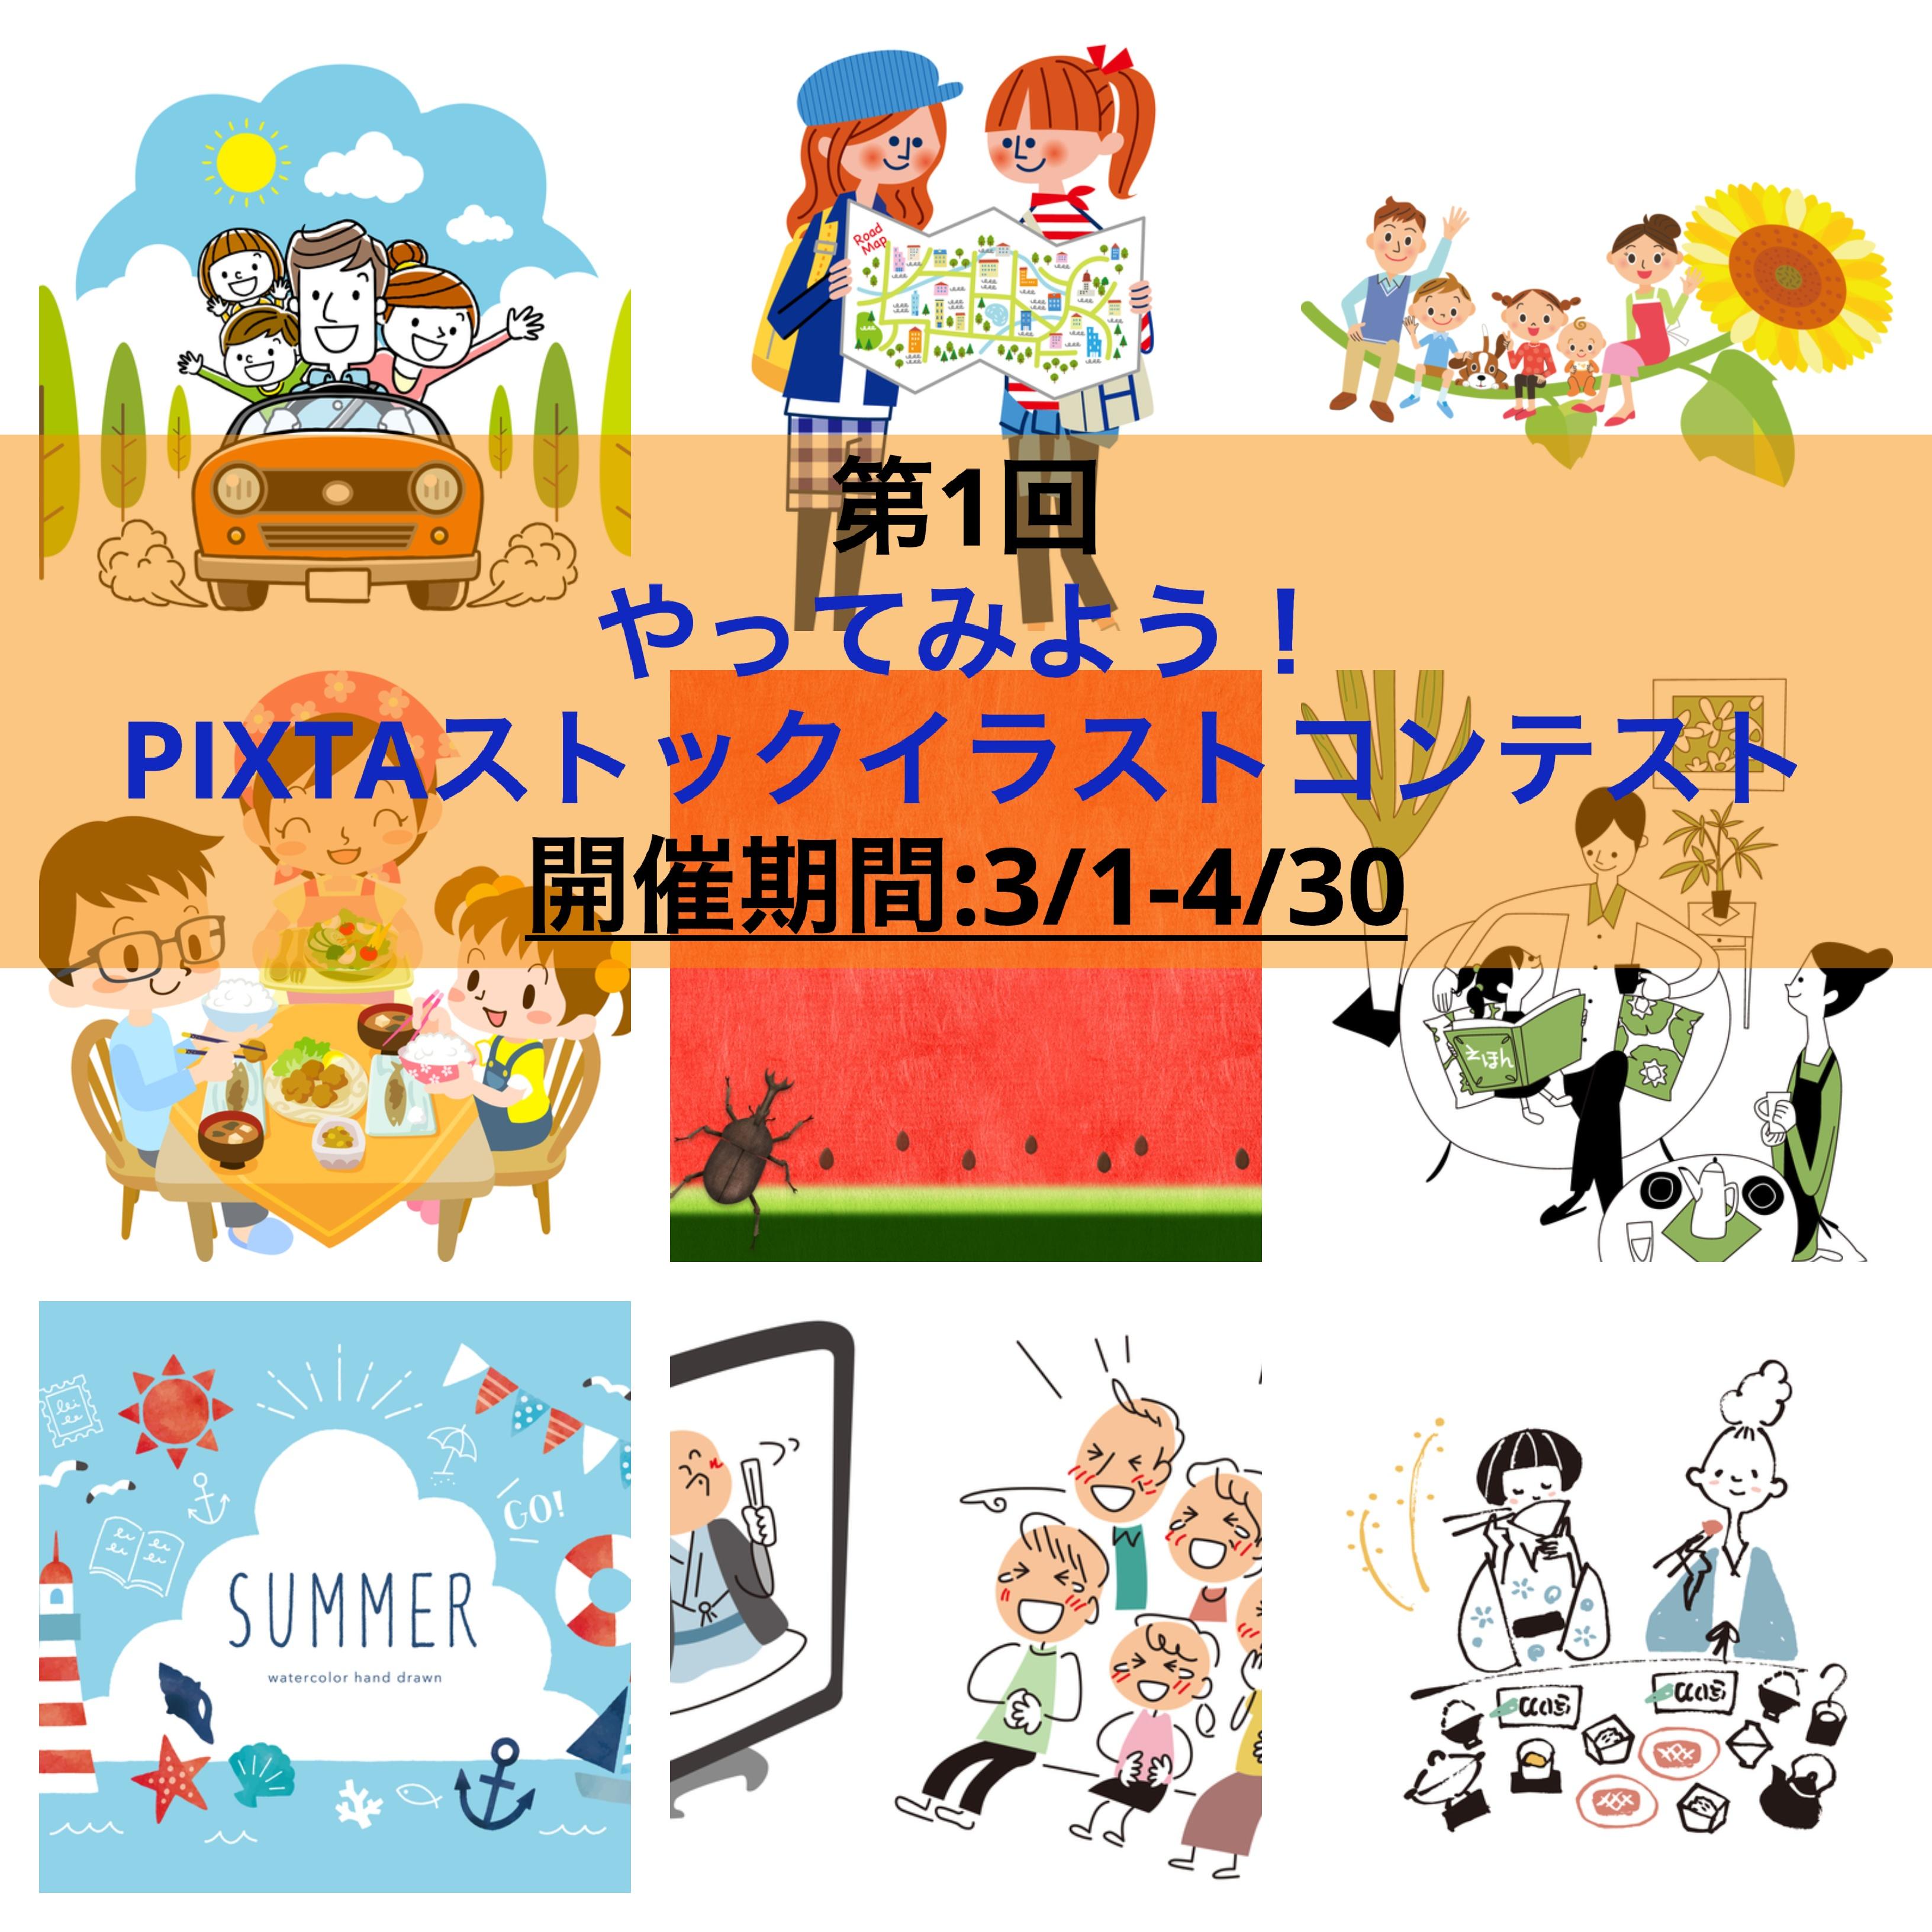 【初心者大歓迎!】第1回やってみよう!PIXTAストックイラストコンテスト開催のお知らせ